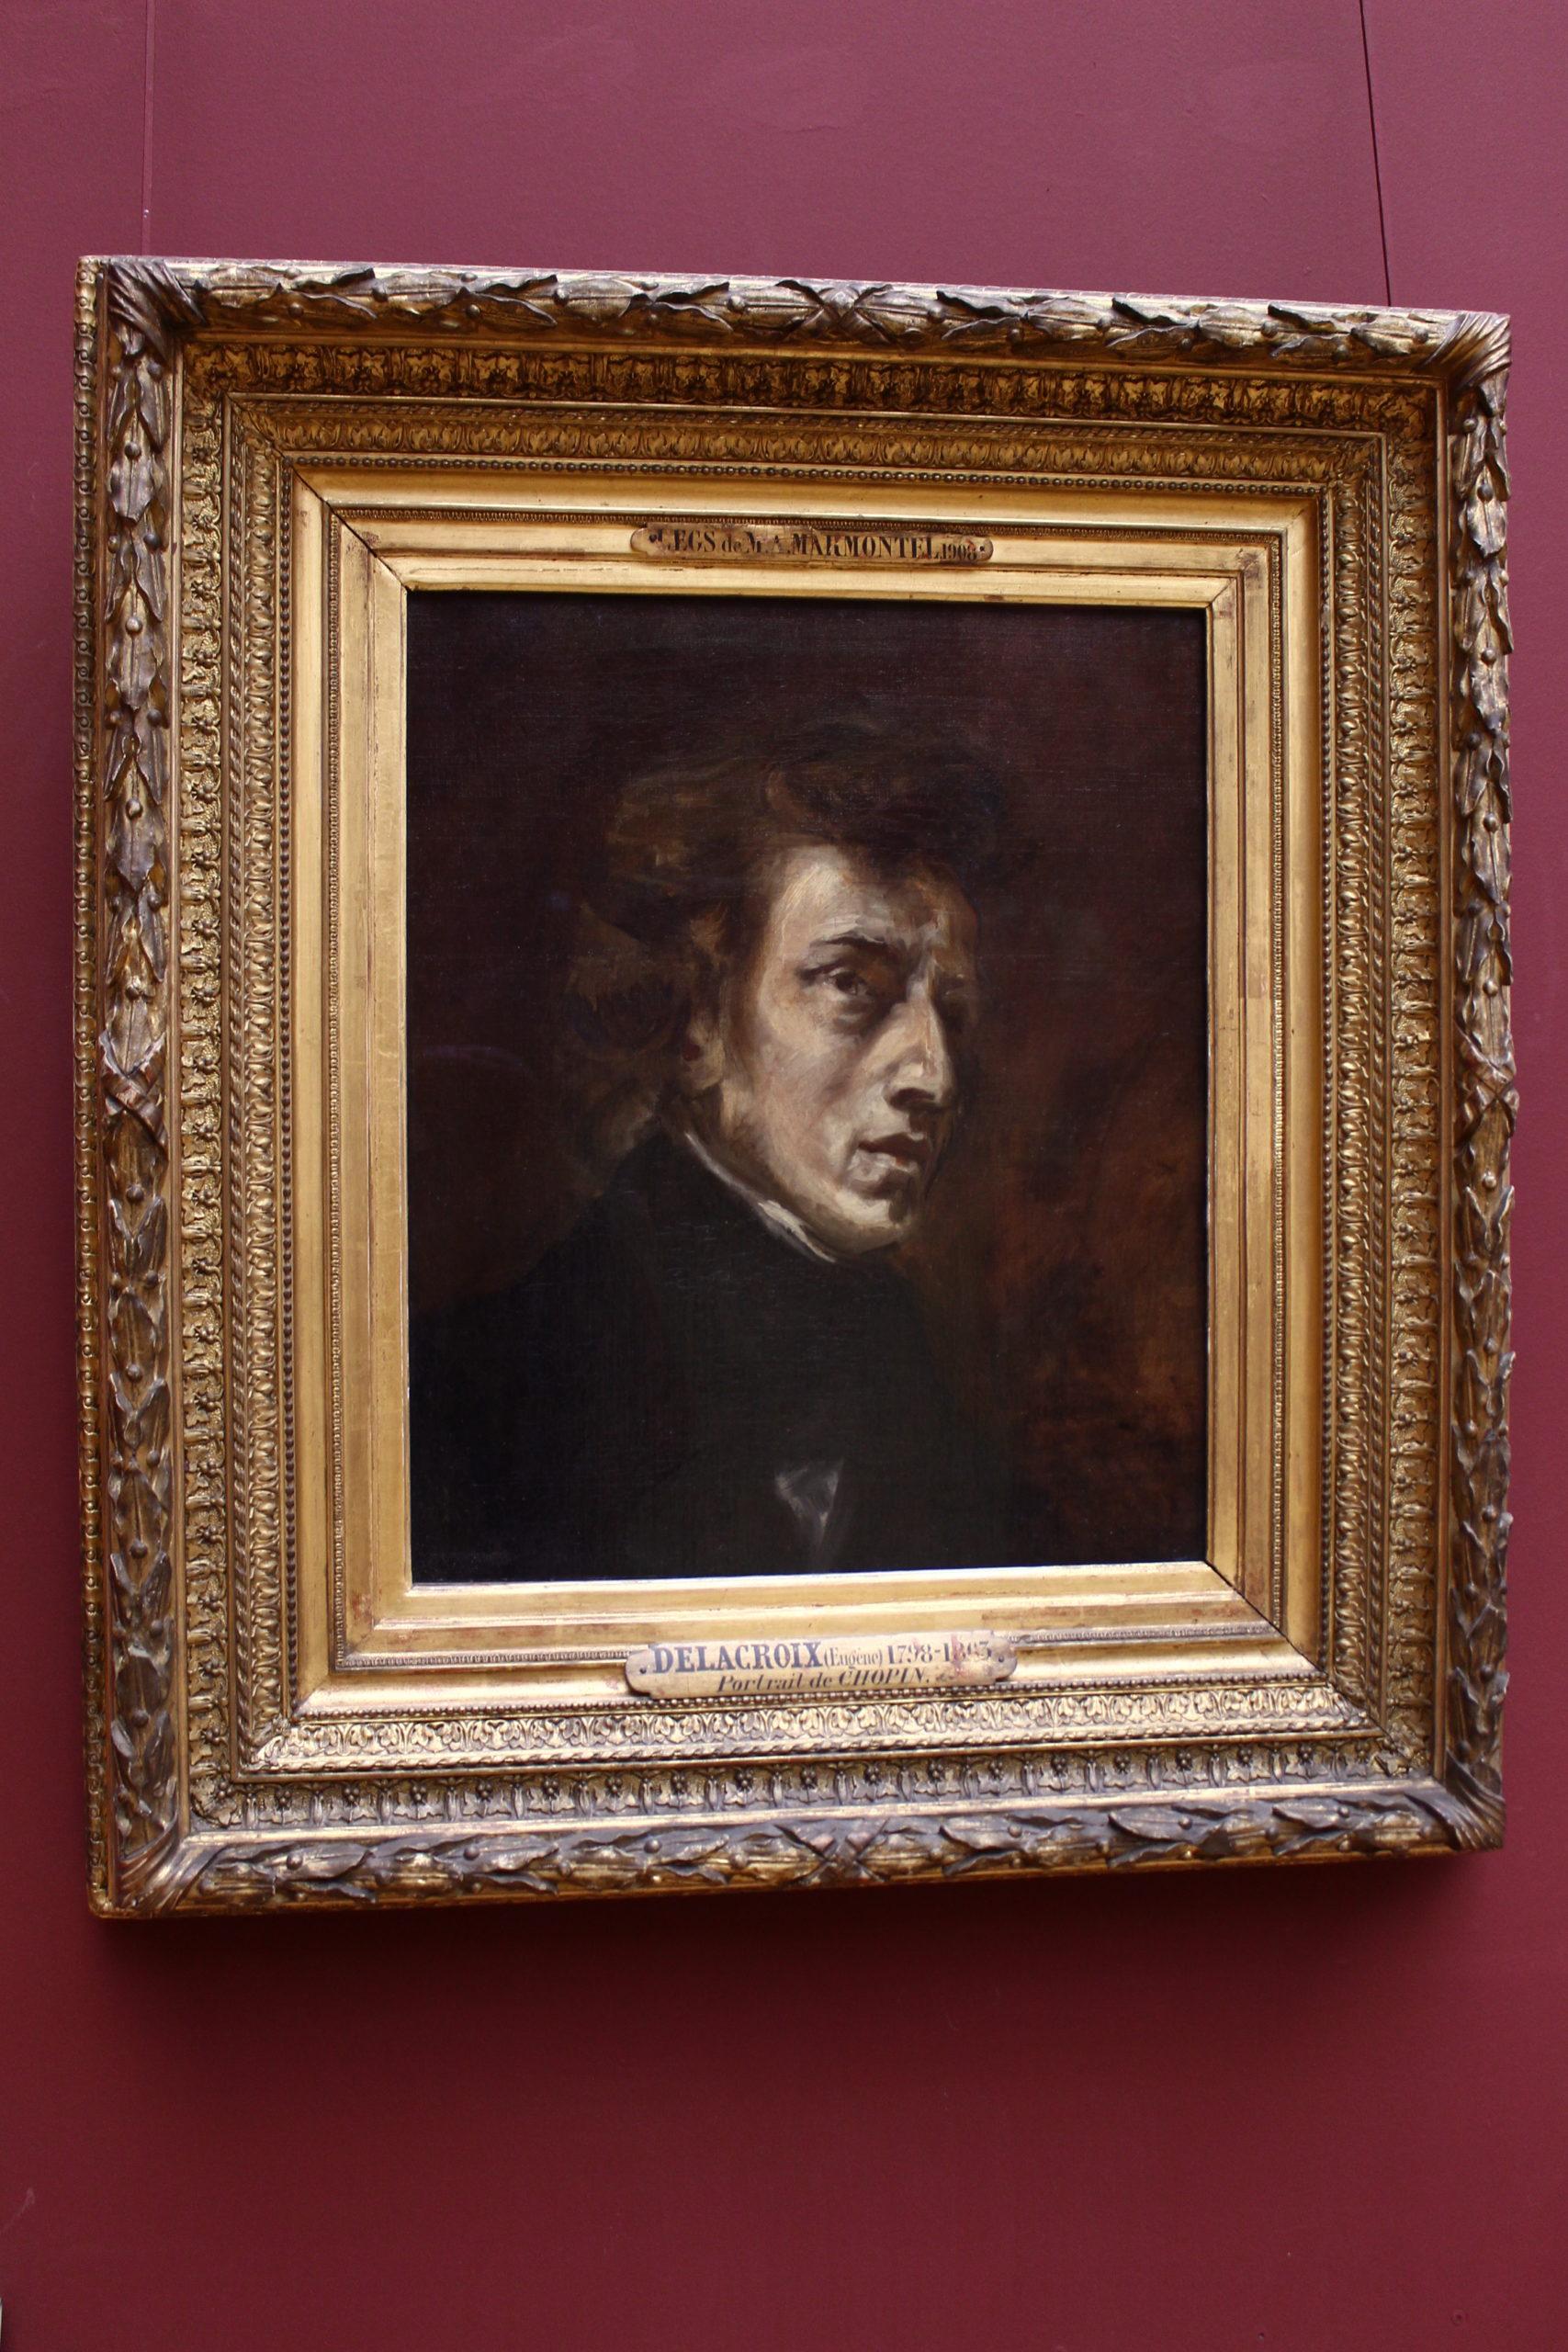 DELACROIX - Chopin